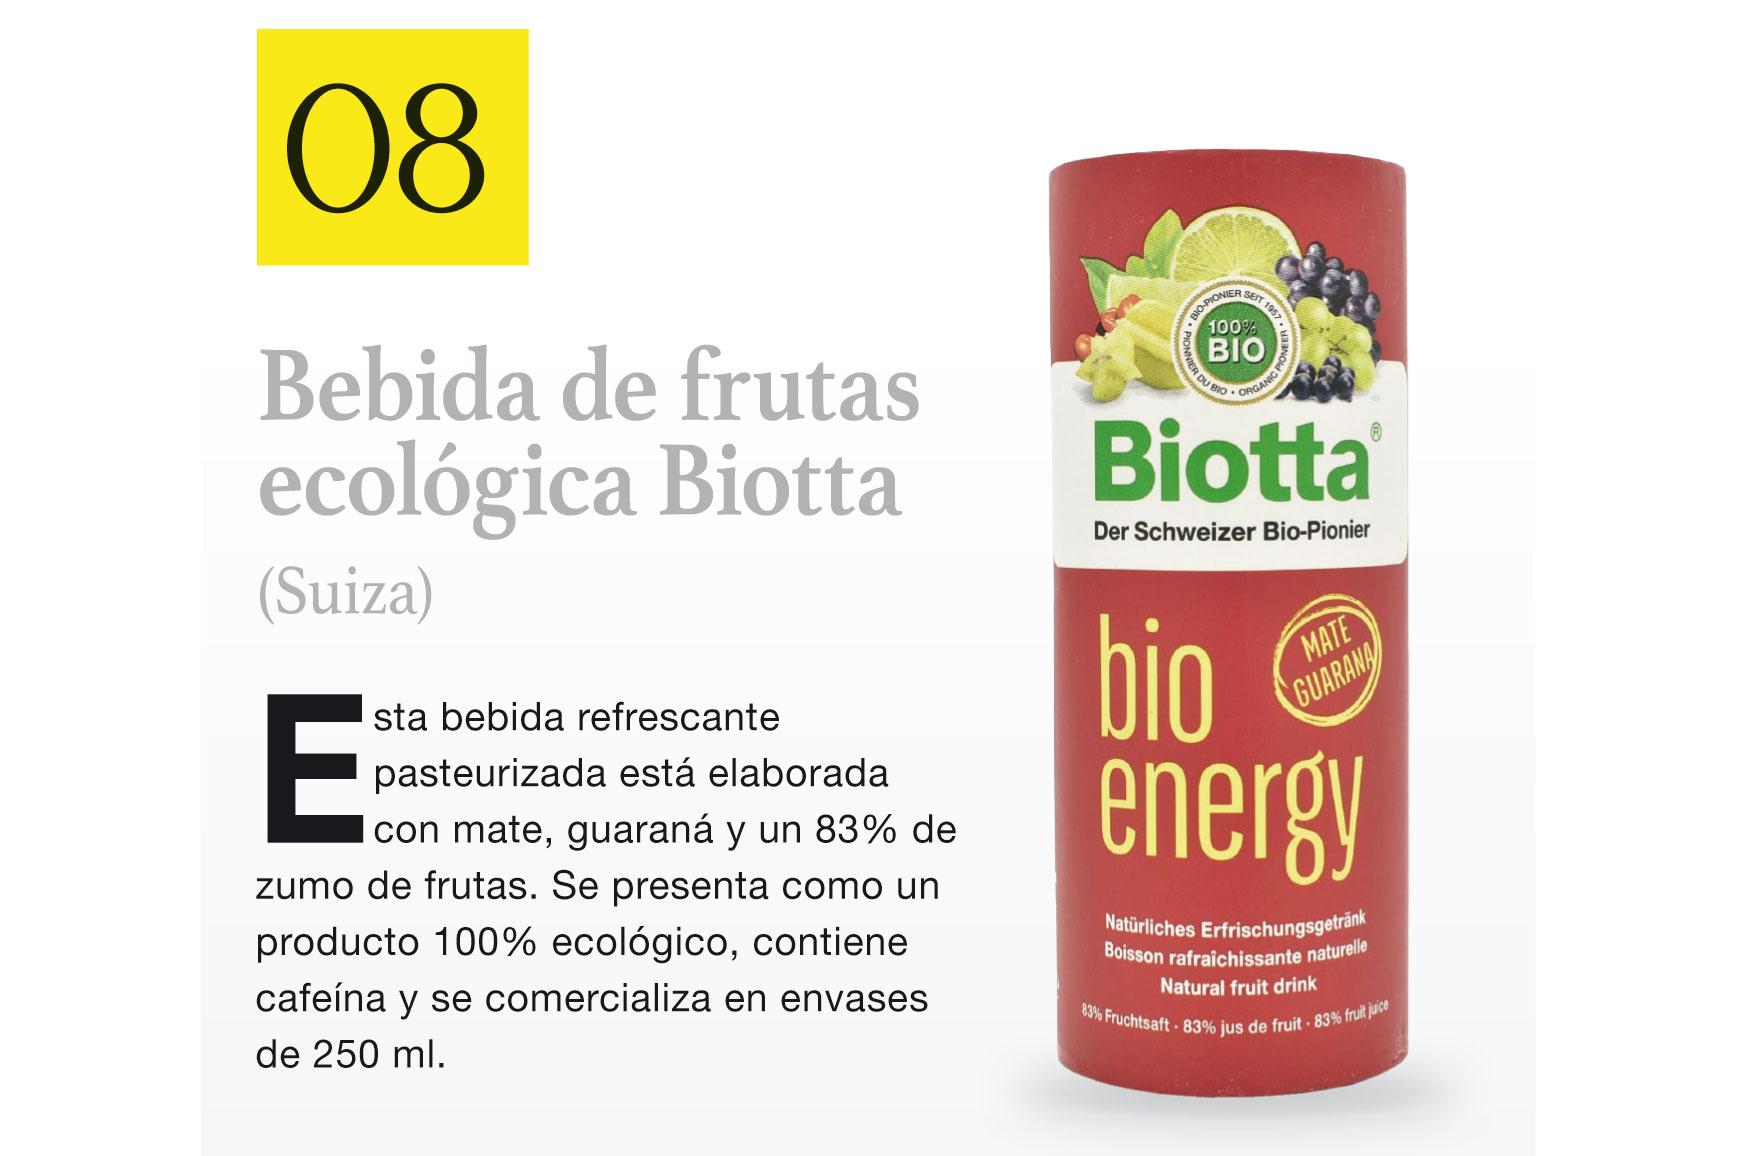 Bebida de frutas ecológica Biotta (Suiza)